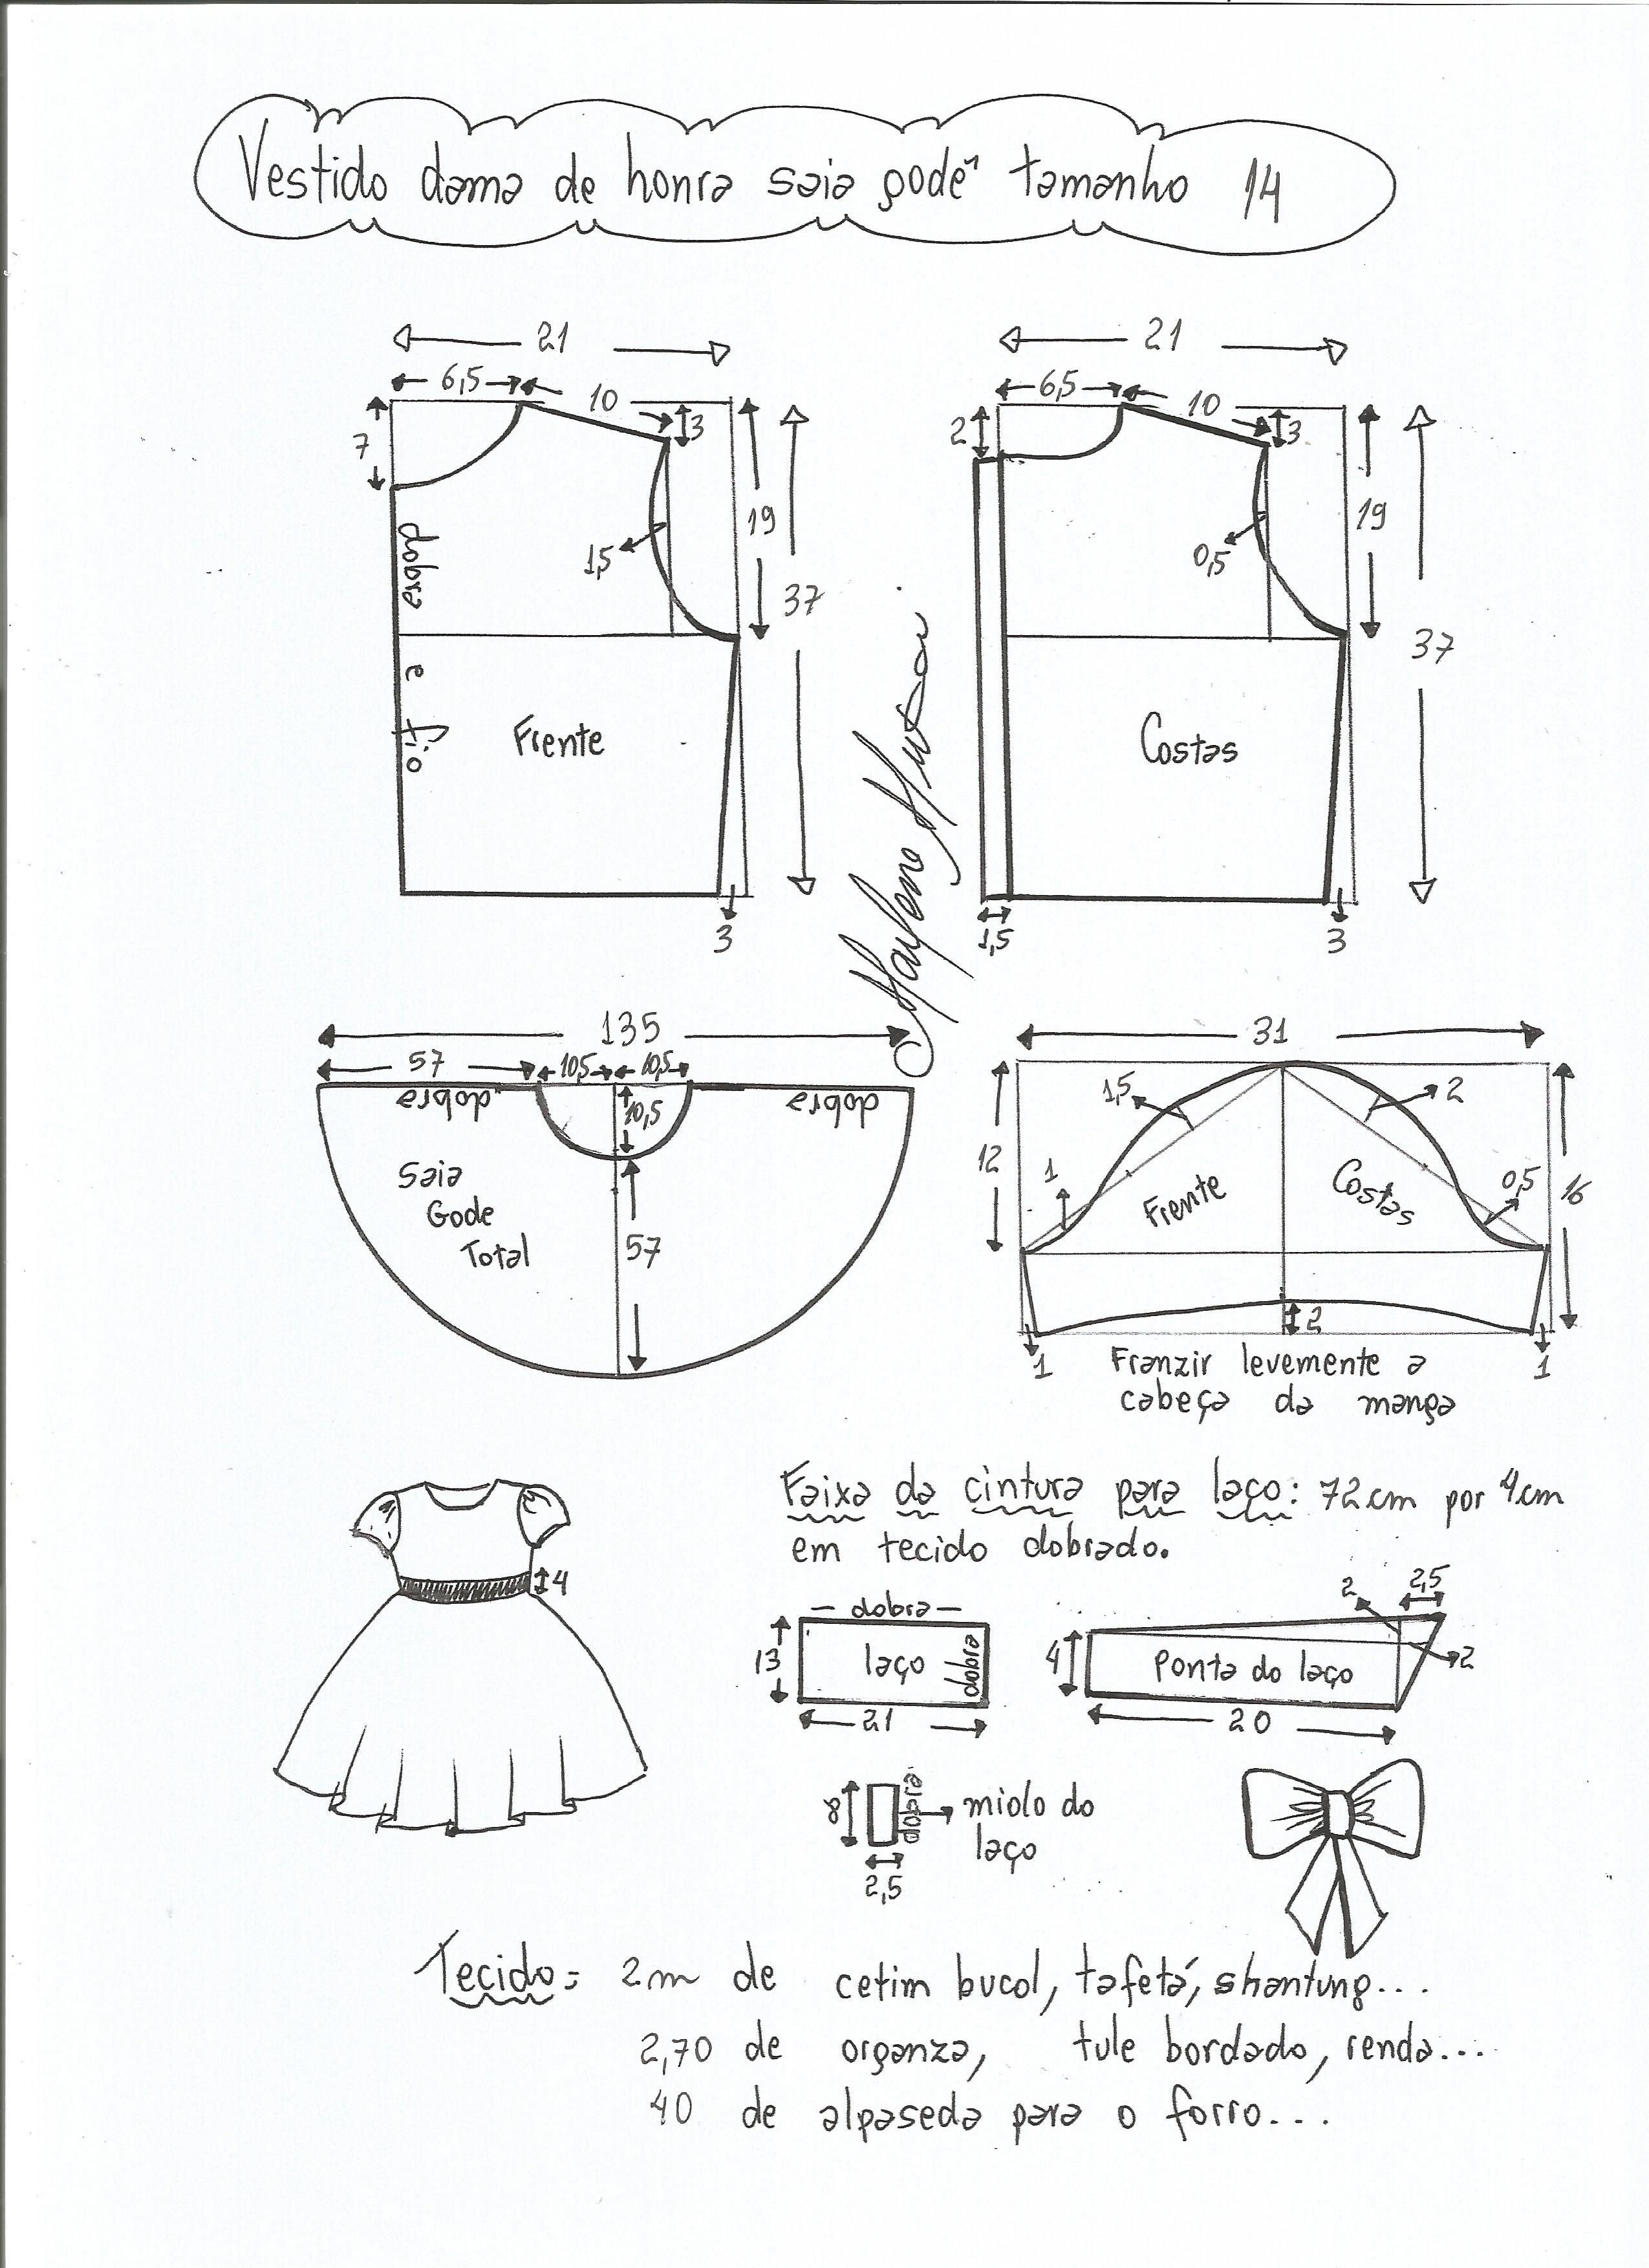 8edf51ad5 Esquema de modelagem de vestido dama de honra com saia godê tamanho 14.